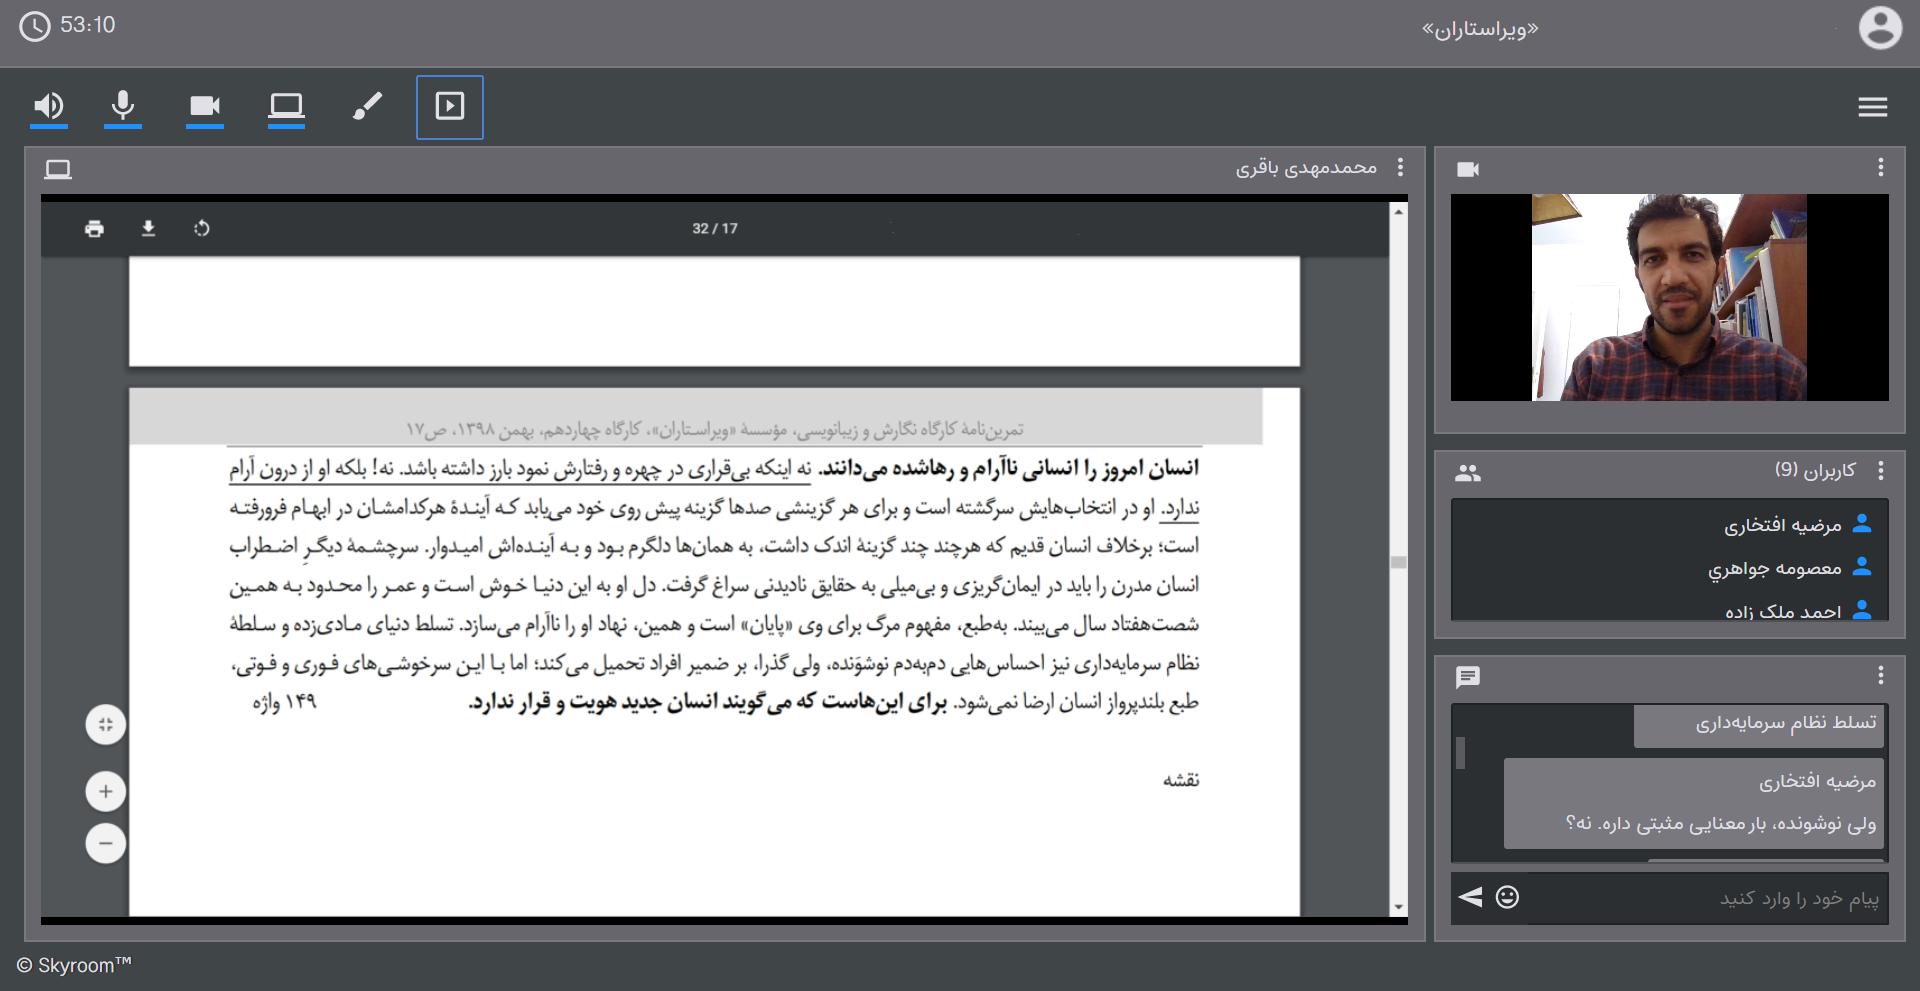 کارگاه آنلاین ویرایش-دوره آنلاین ویرایش-وبینار ویرایش-ویرایش آنلاین-ویرایش خودکار